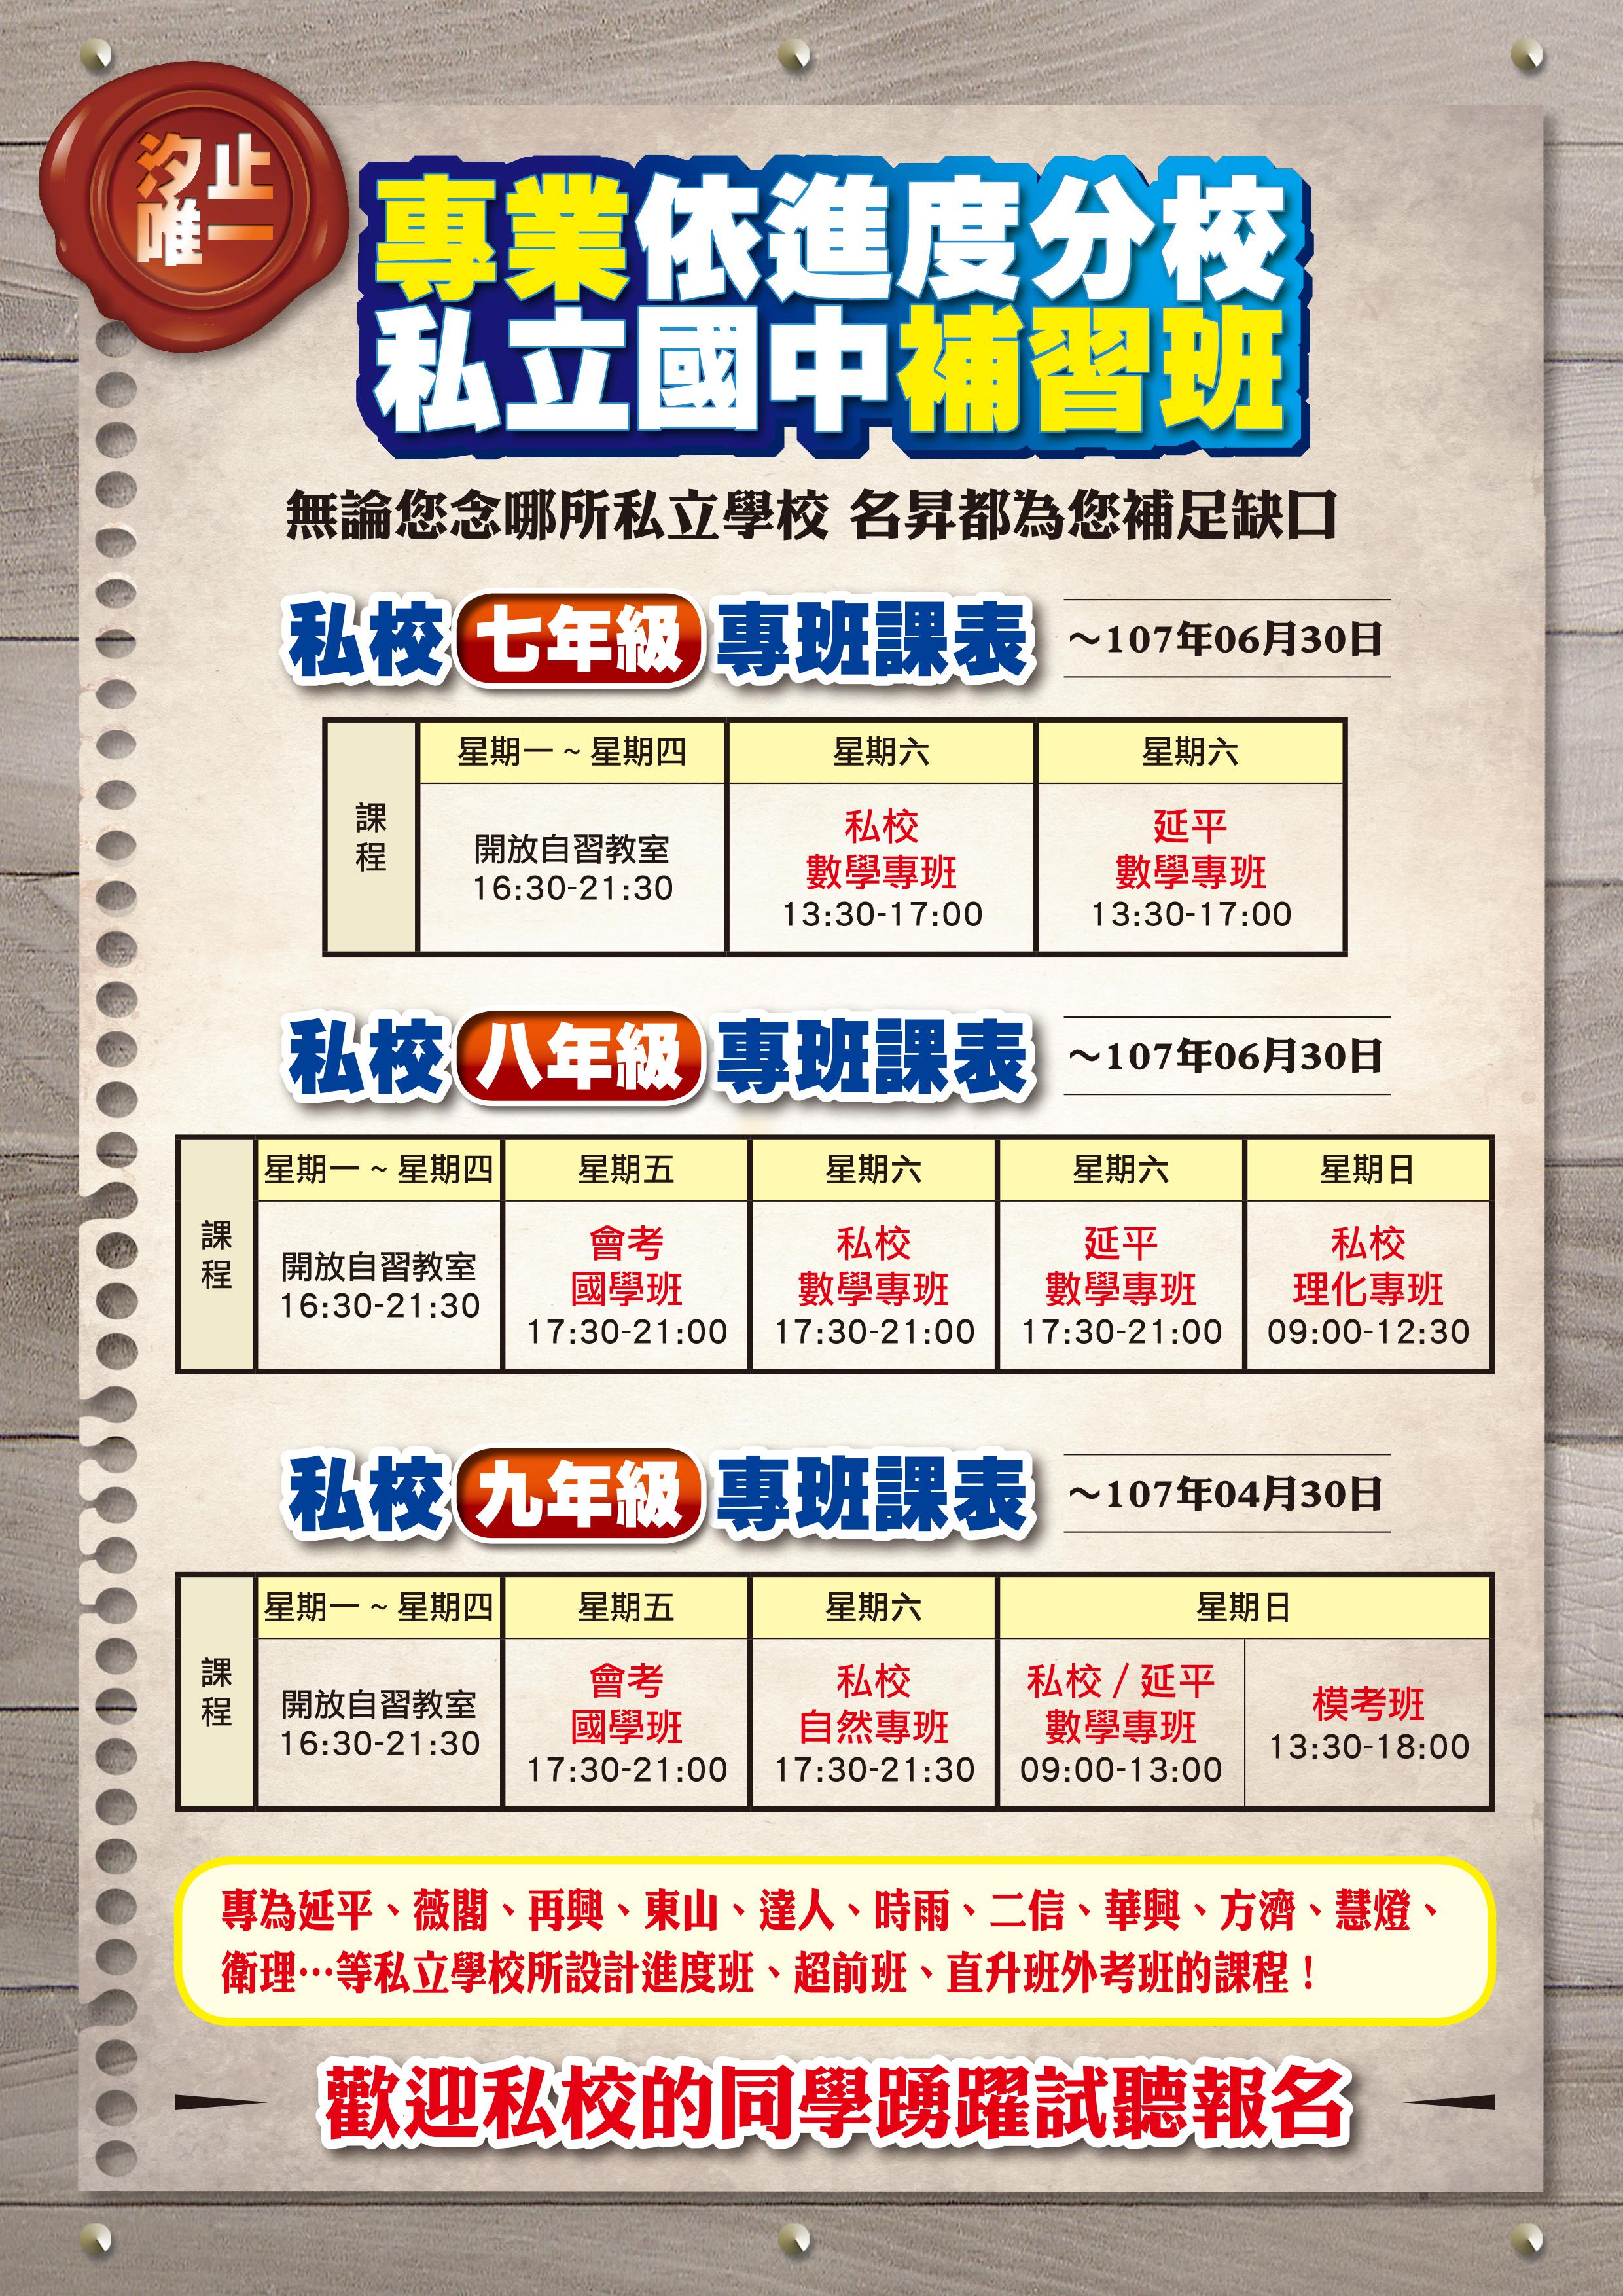 106 12 27 名昇國中部寒假DM 菊3K背面-1.jpg